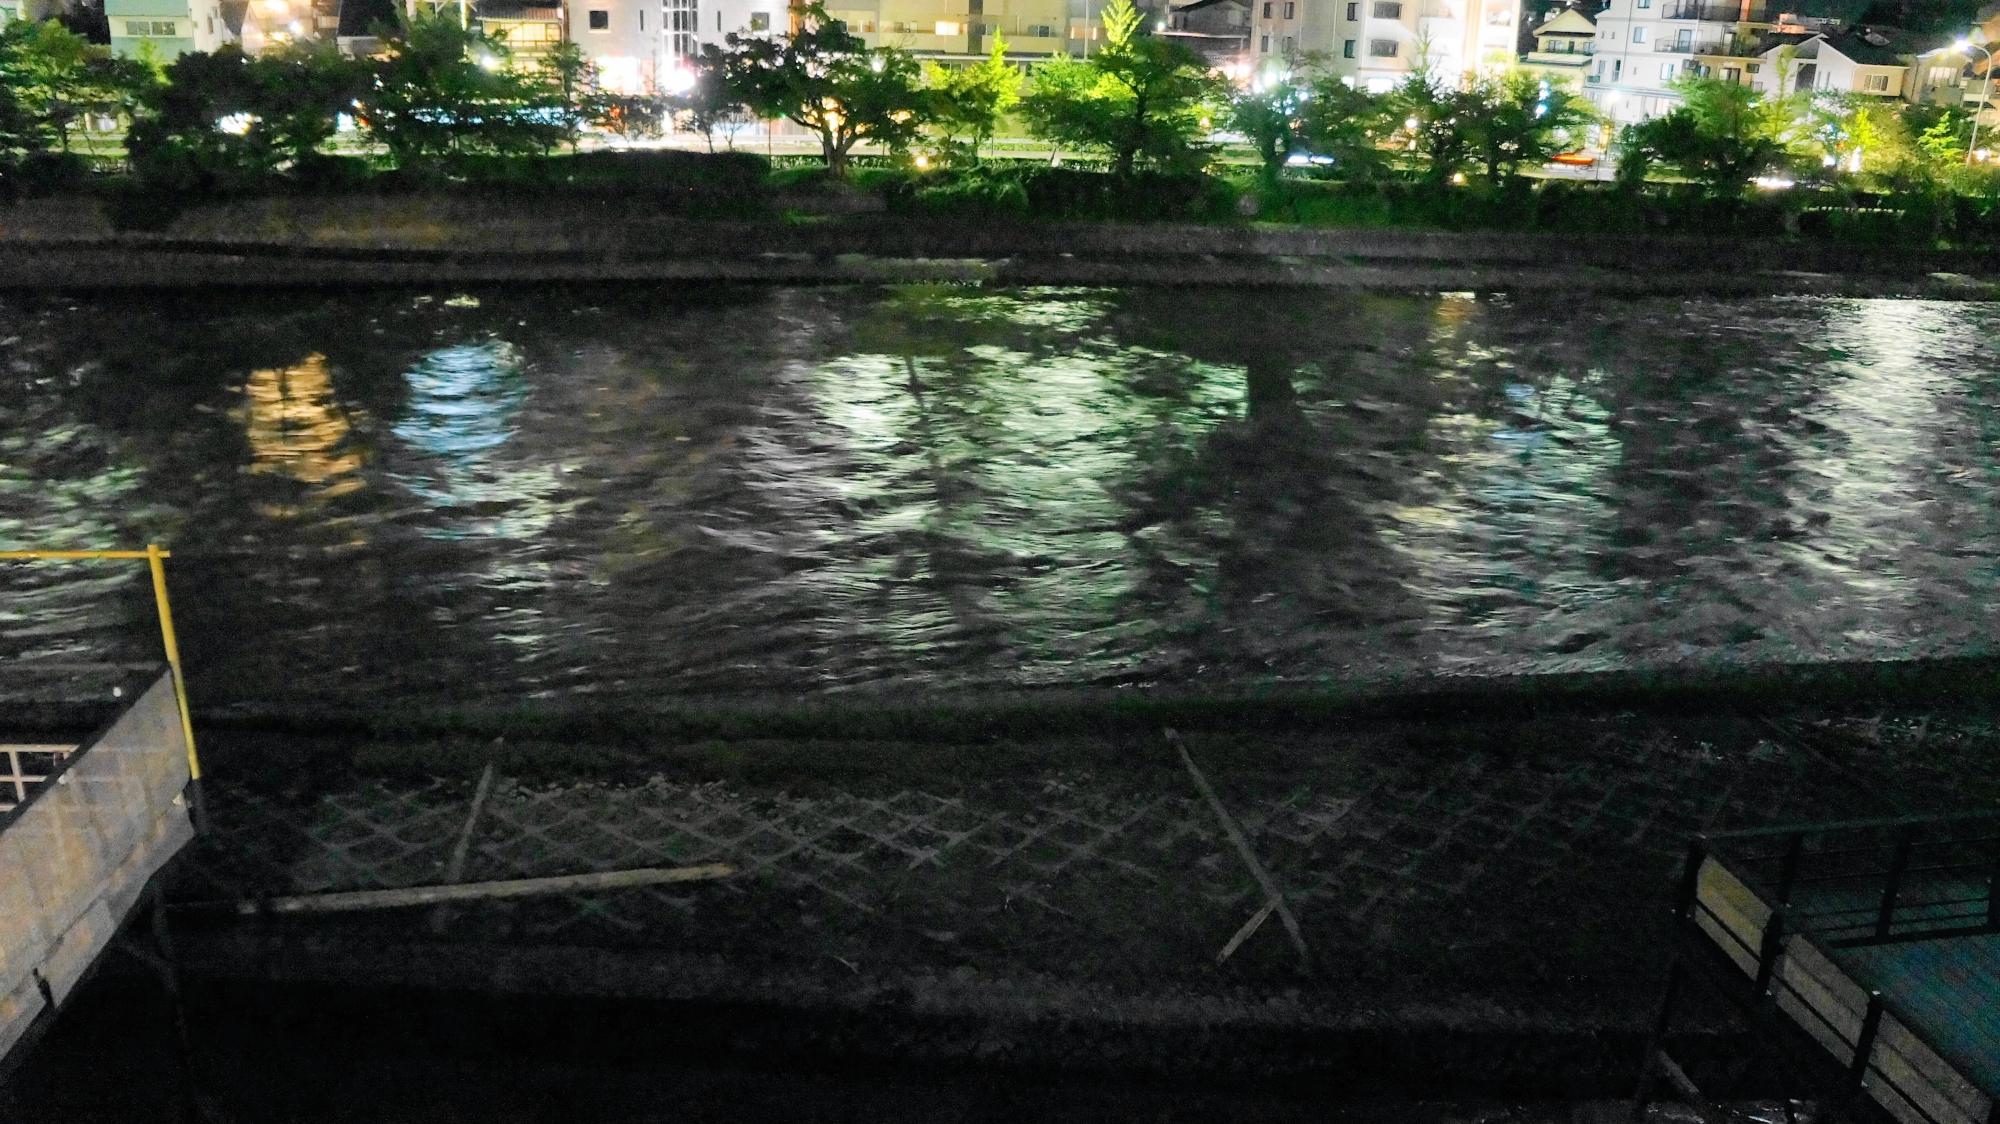 自然の驚異にさらされた2013年9月16日の鴨川